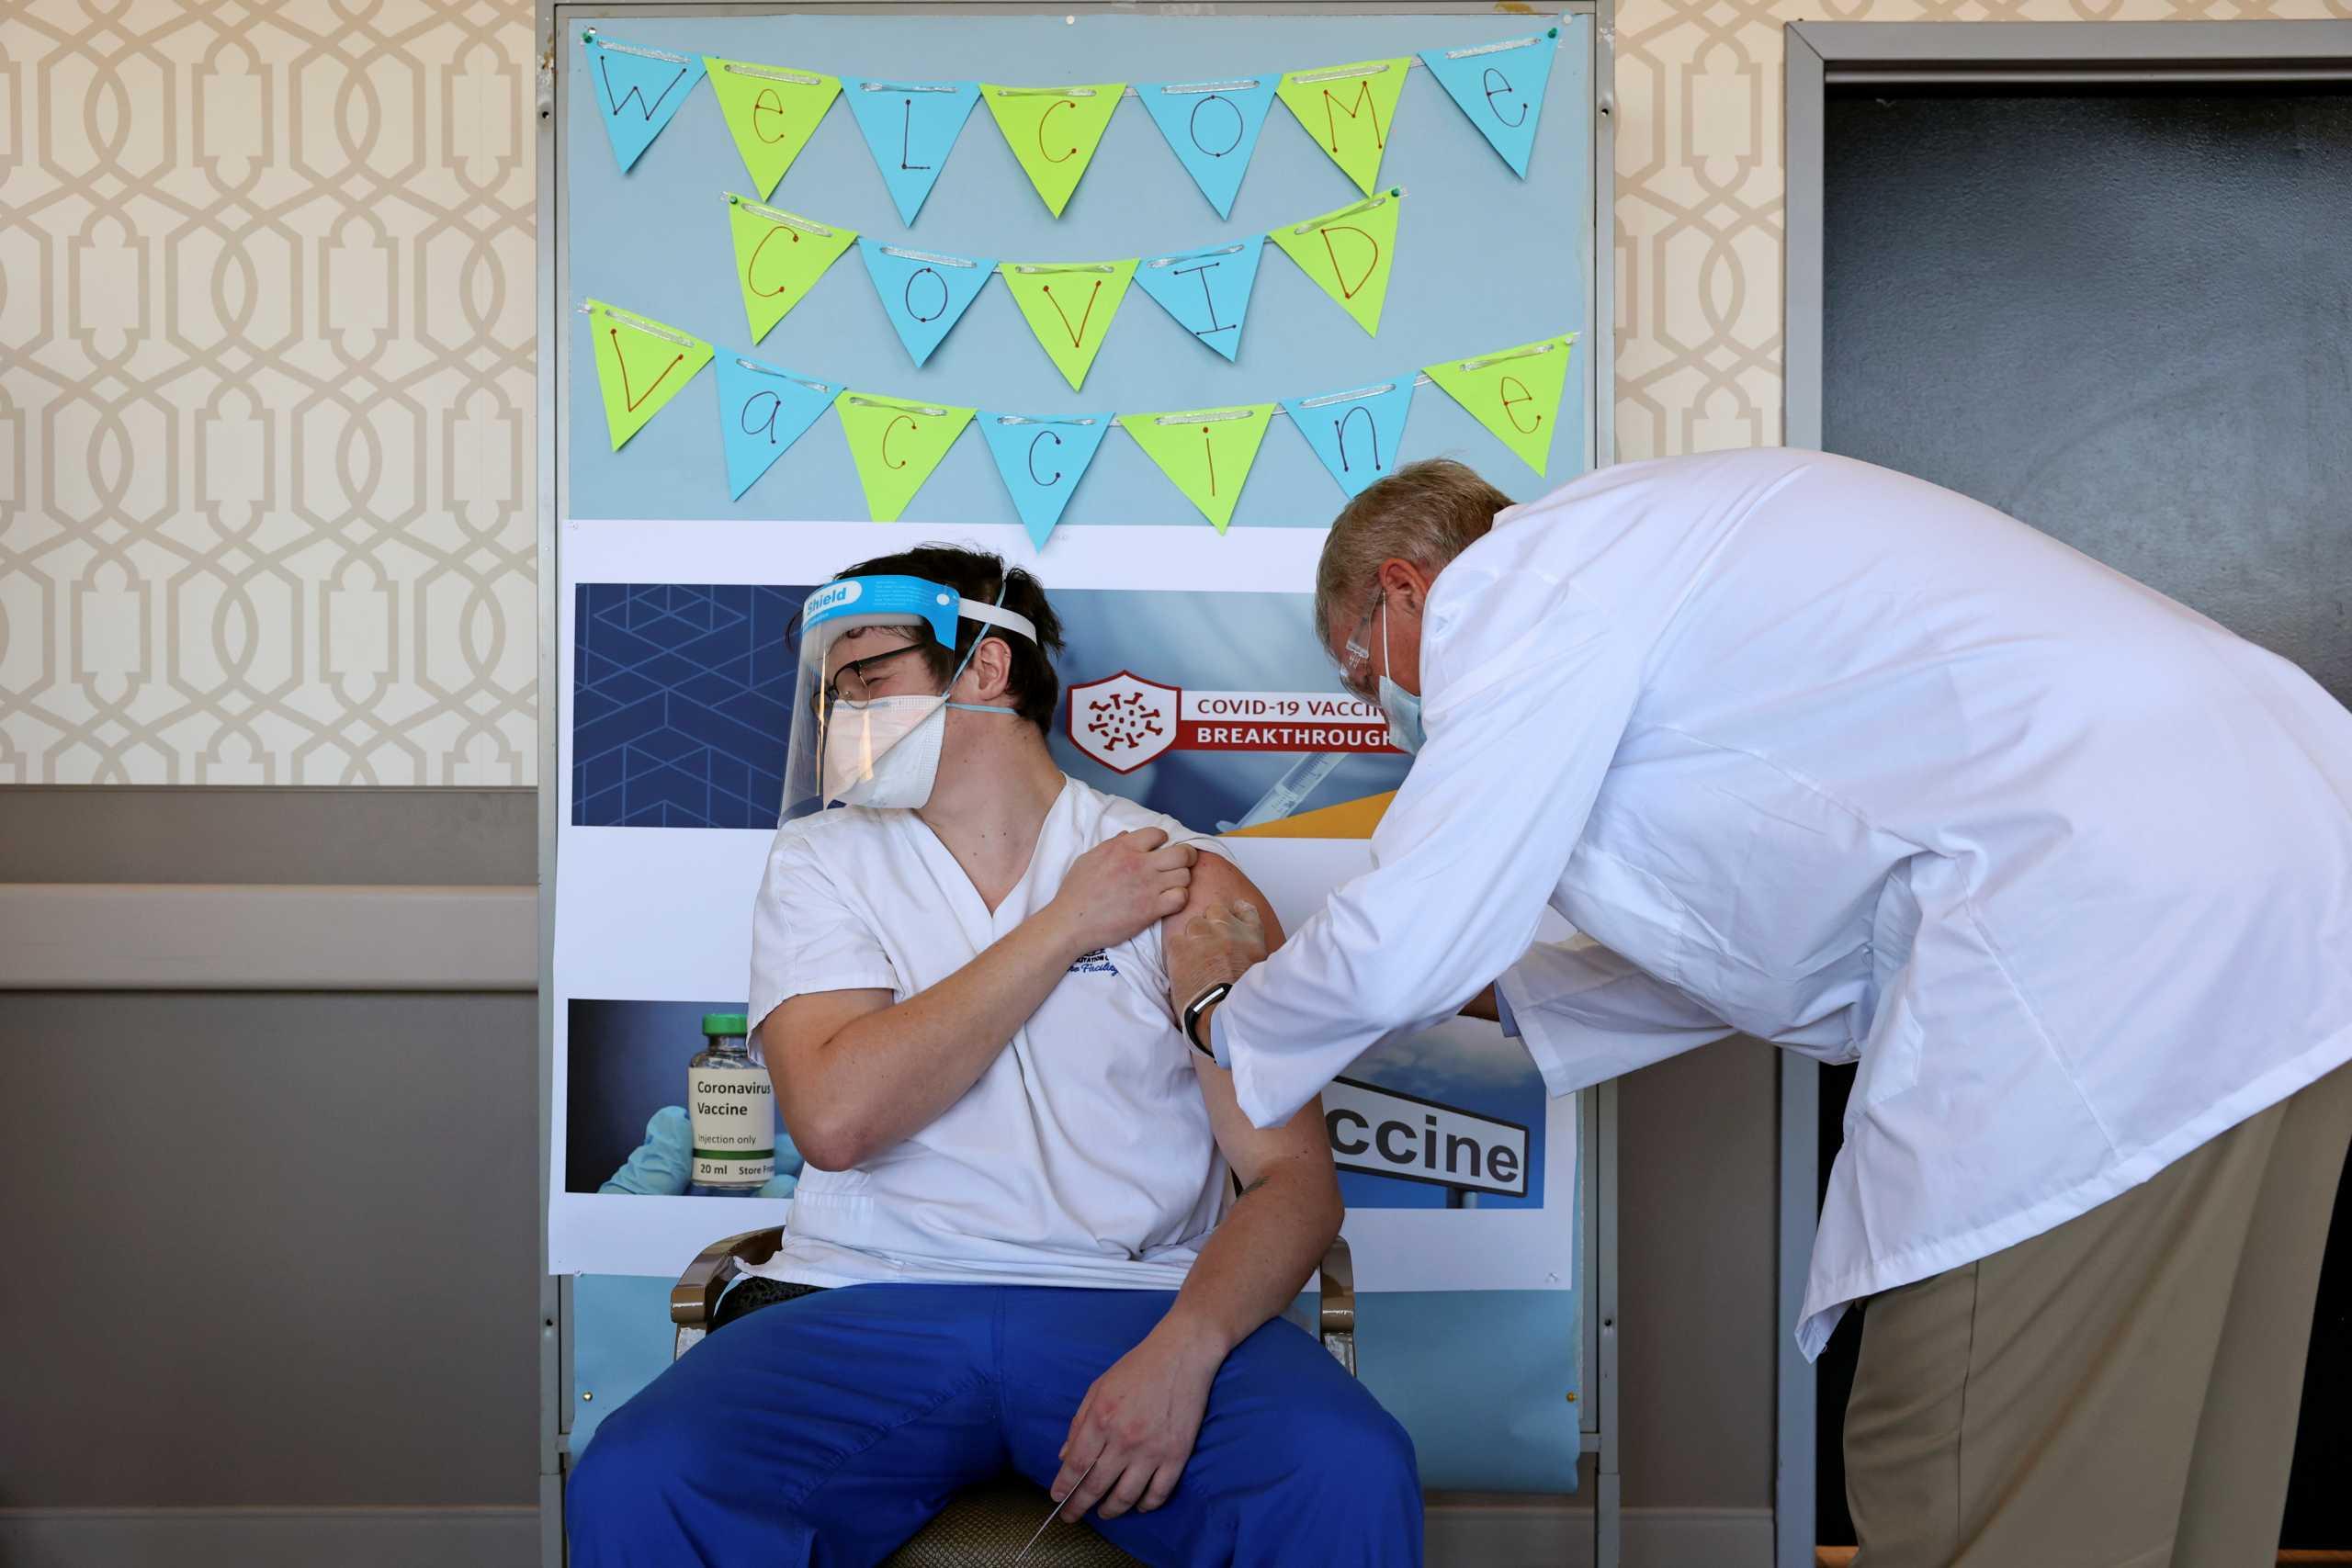 Κορονοϊός – ΗΠΑ: Περισσότερα από τα μισά εμβόλια δεν έχουν χορηγηθεί στον πληθυσμό